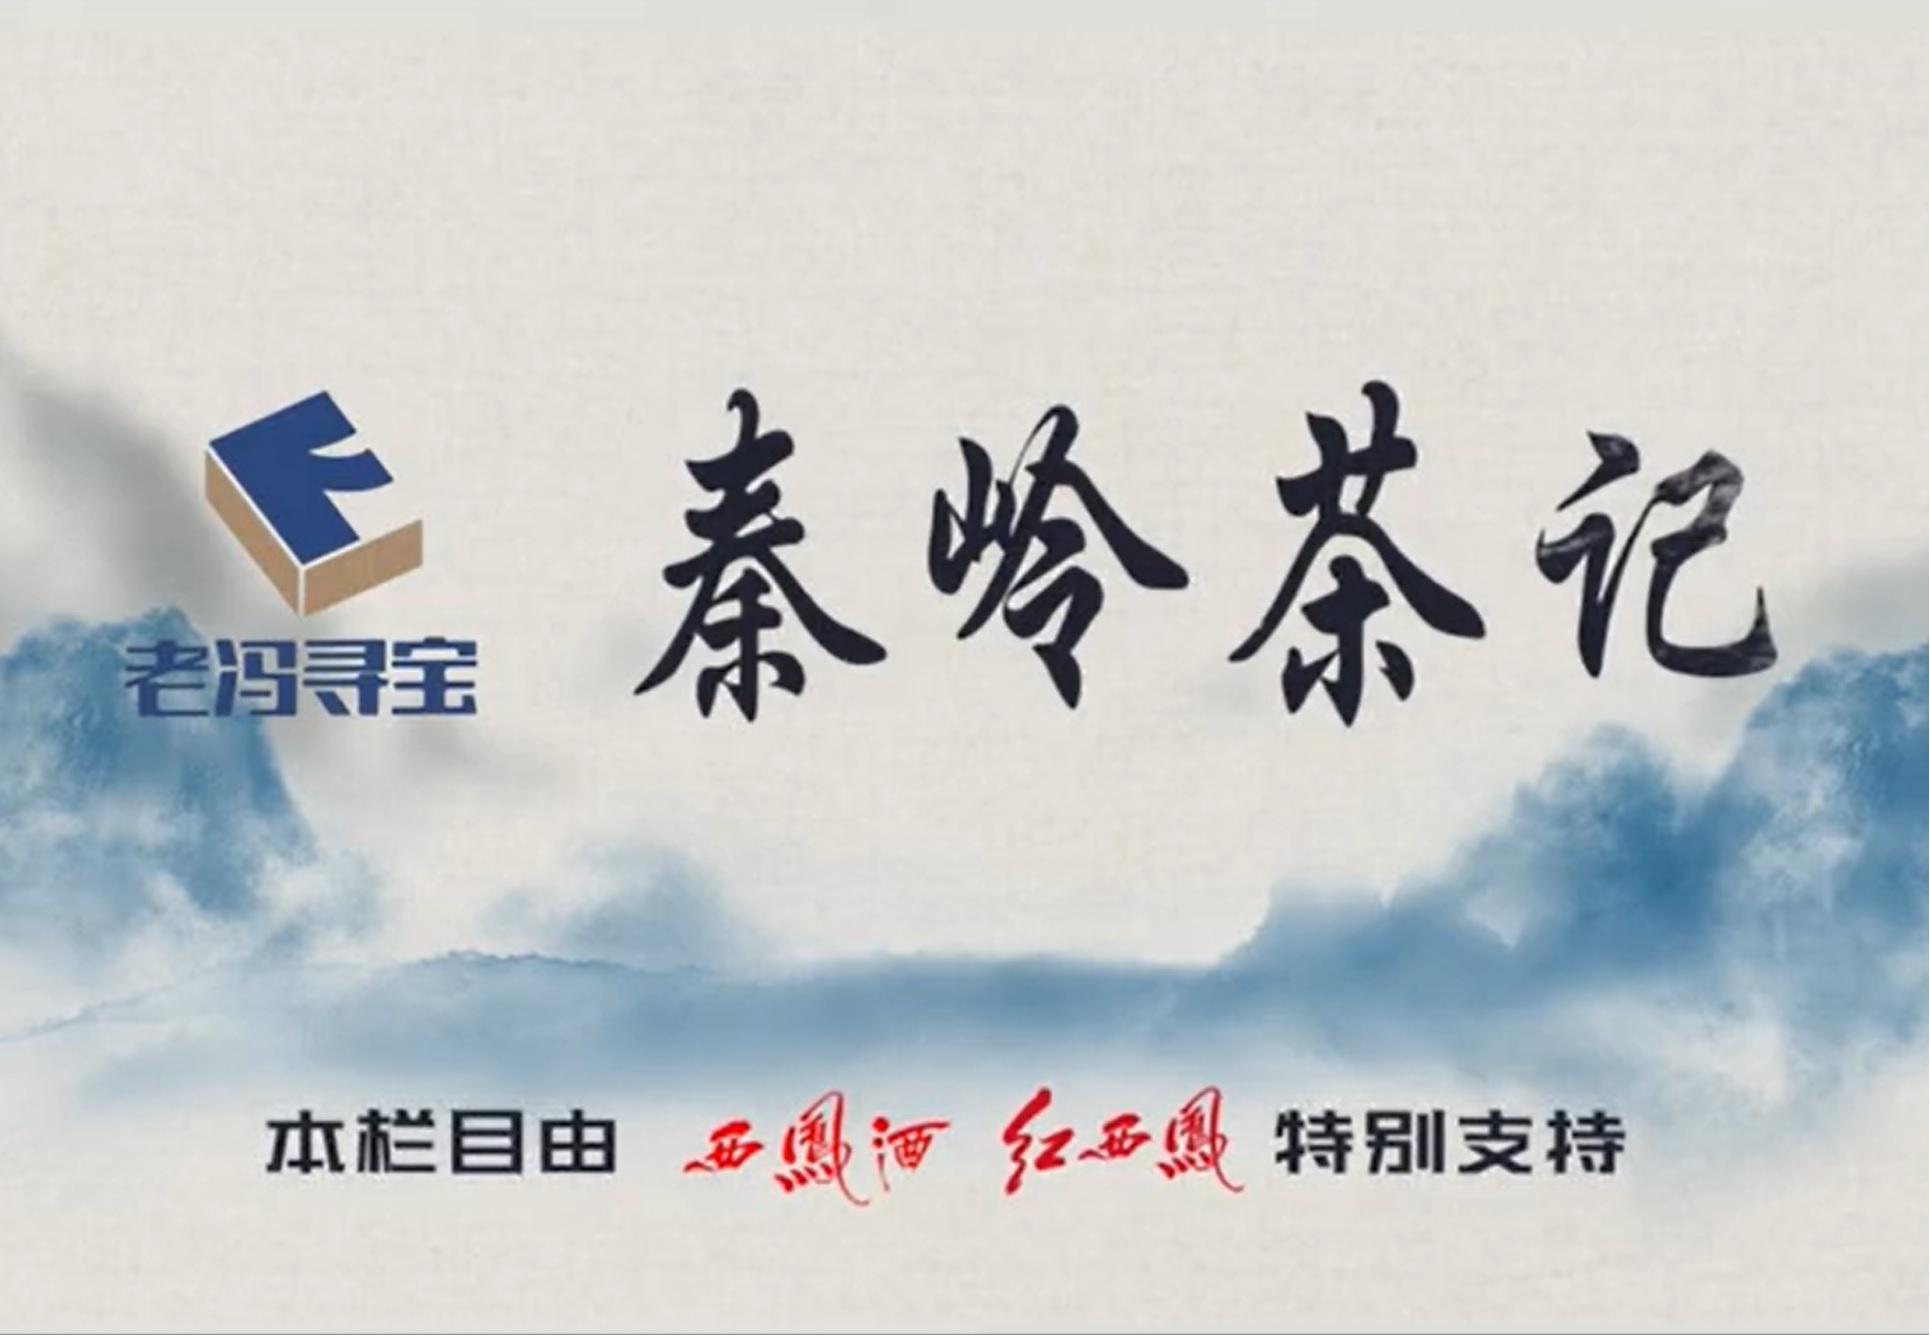 《老冯寻宝》第一季《秦岭茶记》安康紫阳篇